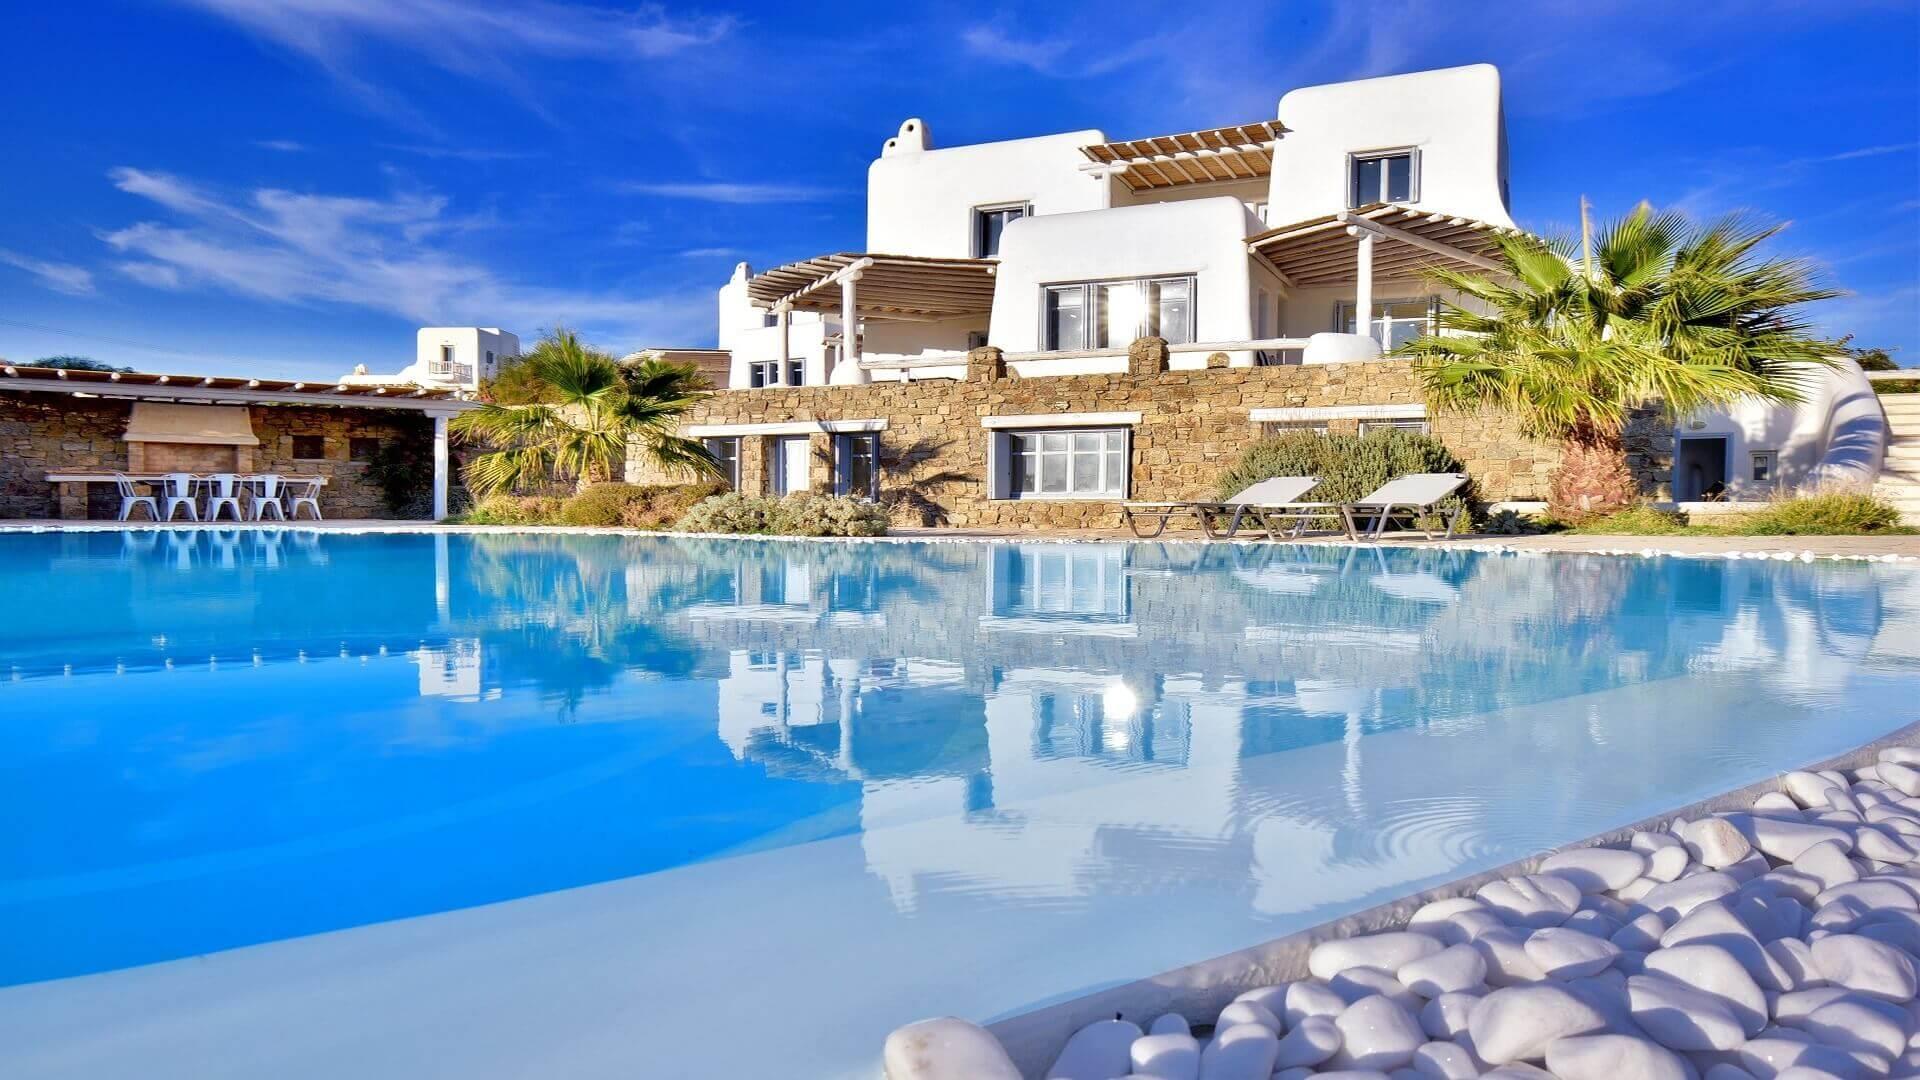 Villa Erica Platis Gialos Mykonos